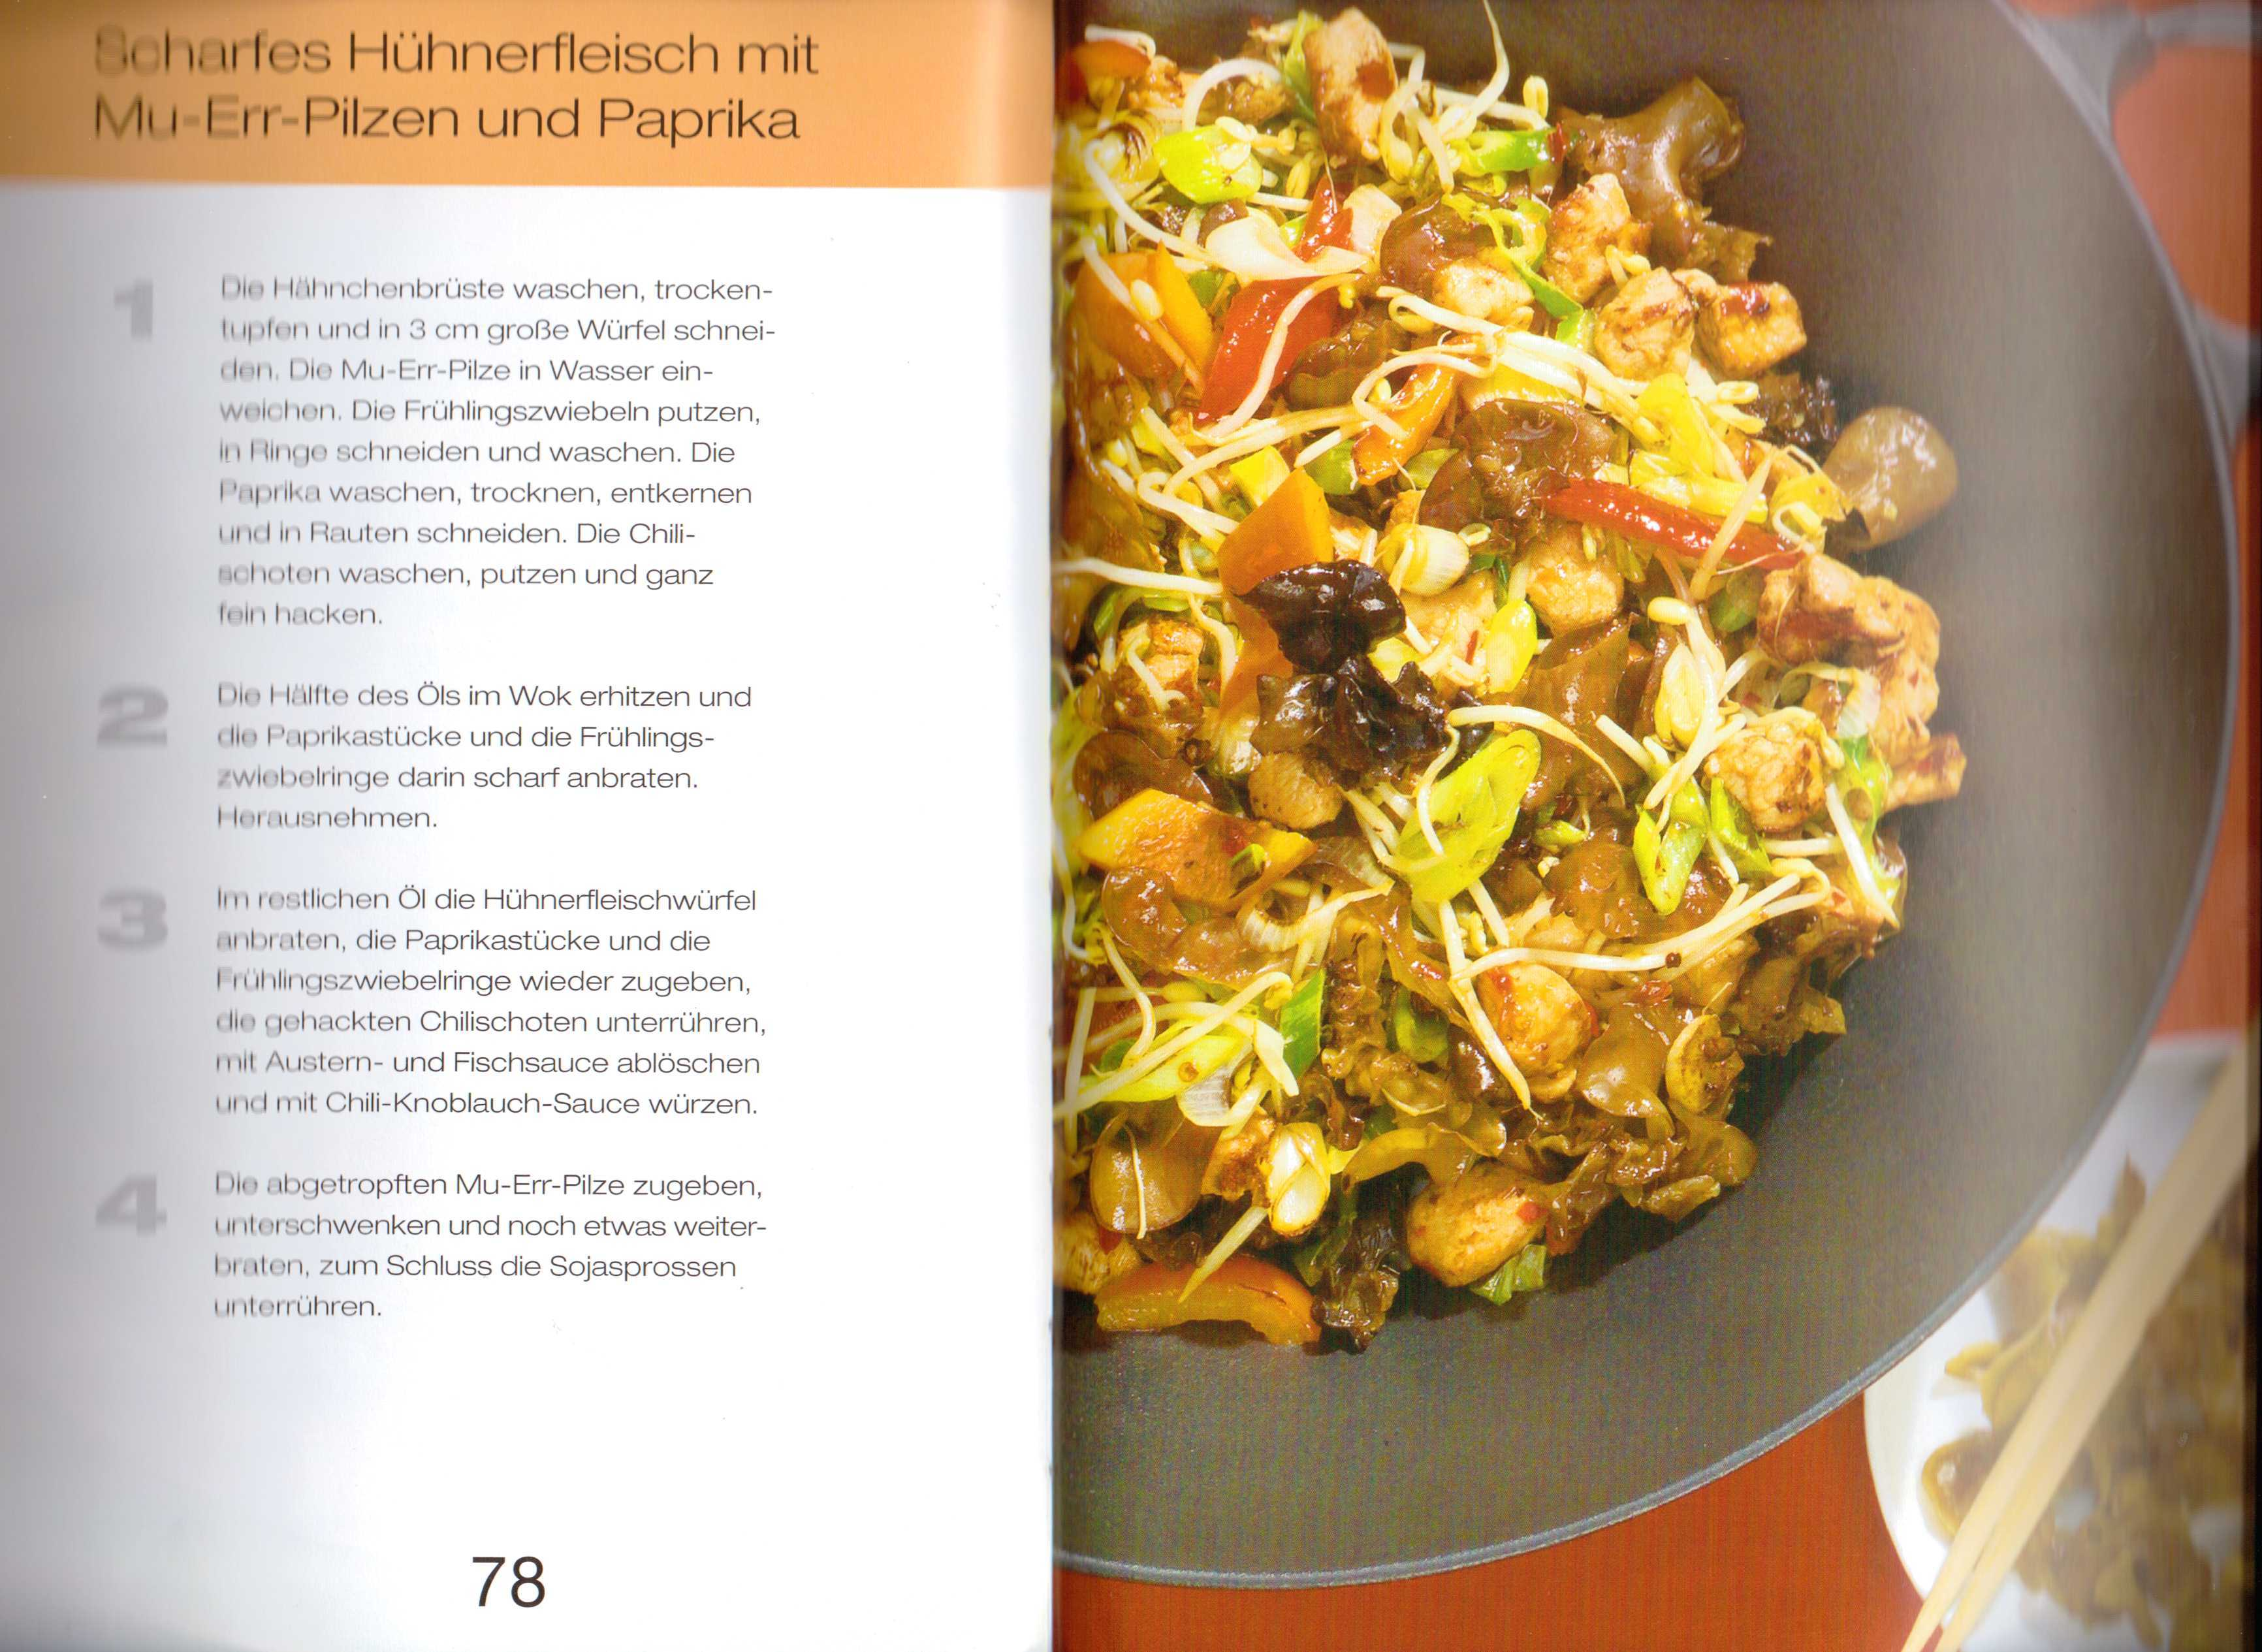 kochen mit dem wok fleisch asia food specialities. Black Bedroom Furniture Sets. Home Design Ideas